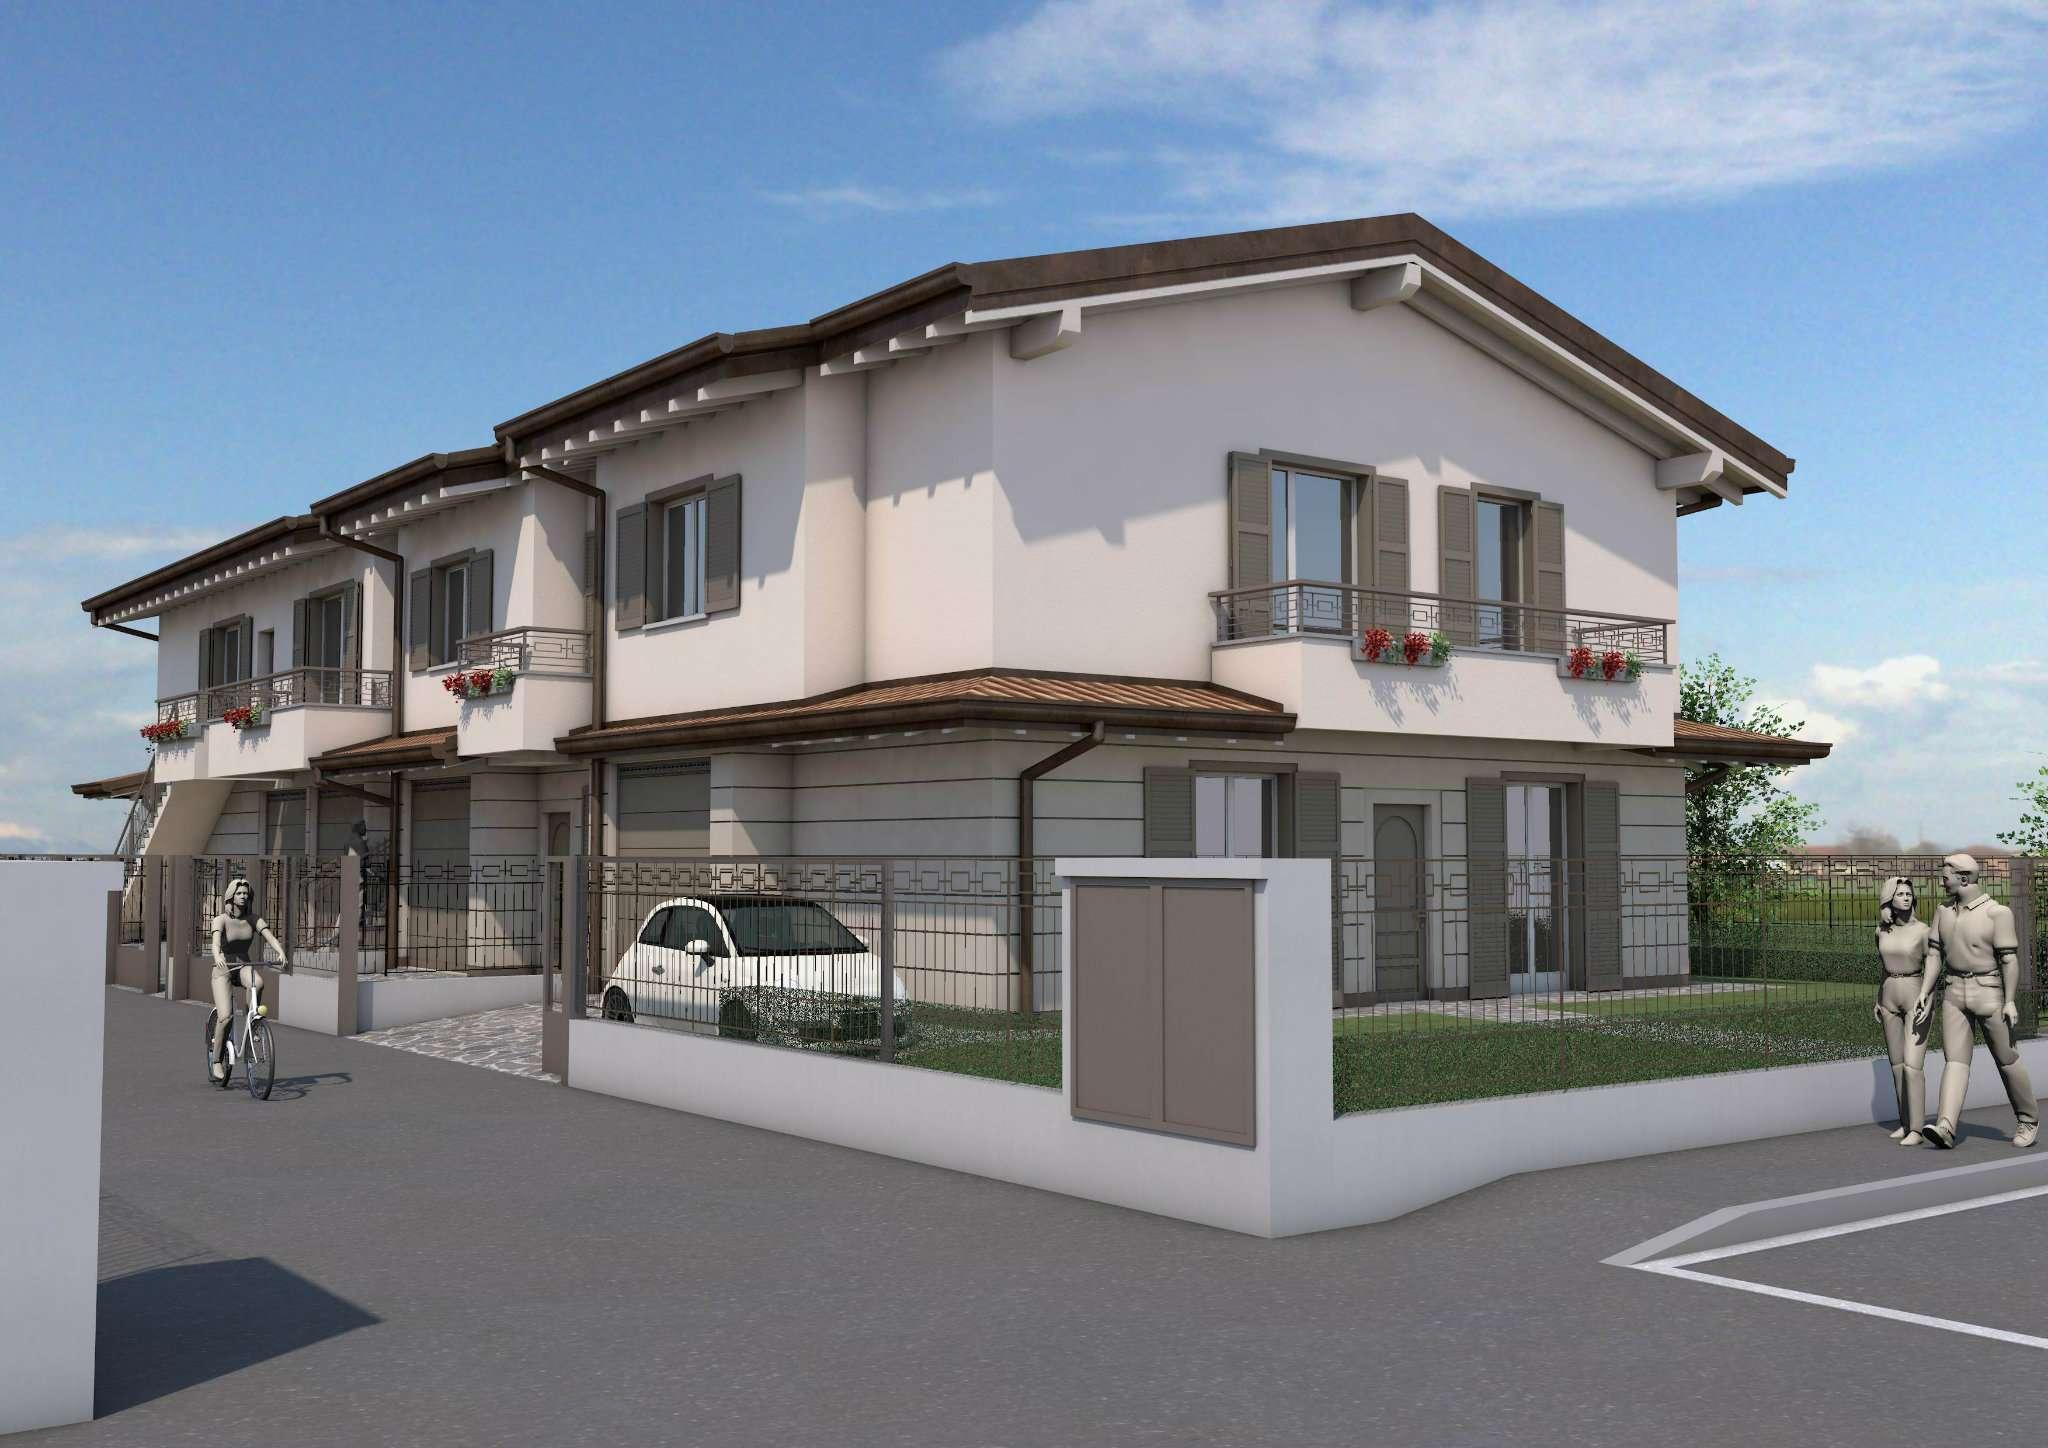 Villa in vendita a Caravaggio, 4 locali, prezzo € 265.000 | Cambio Casa.it